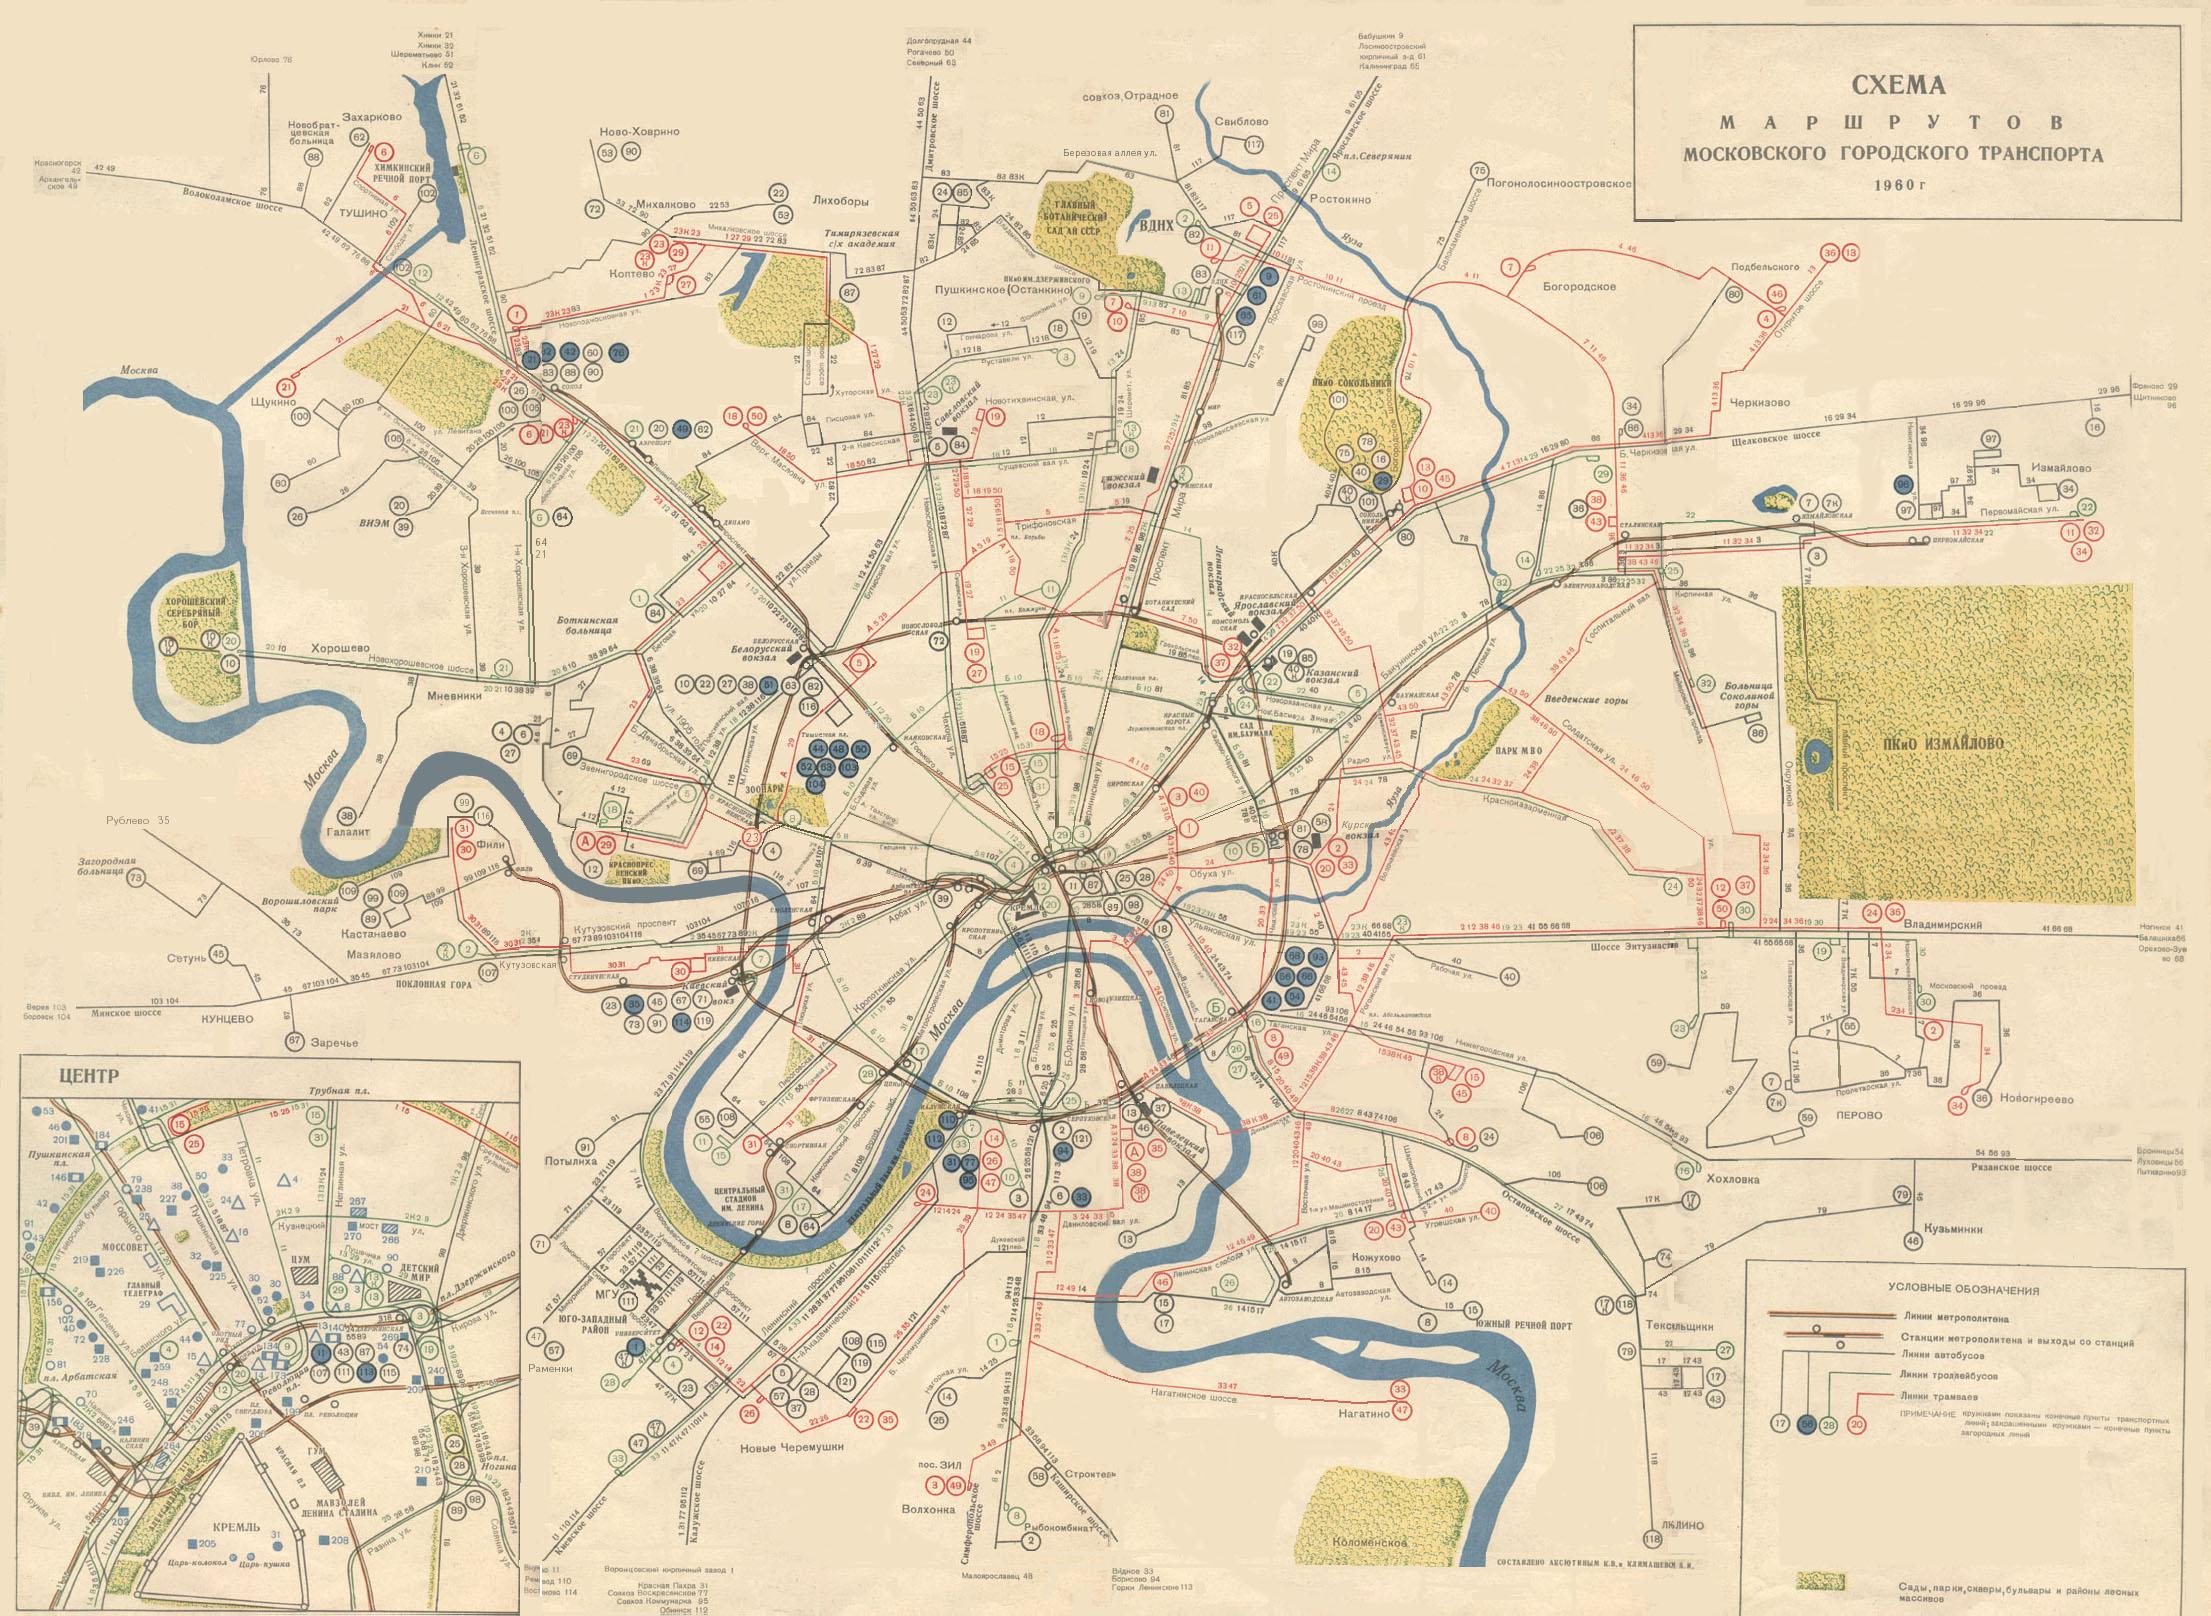 Схемы скоростного транспорта и железнодорожного сообщения.  Справочные телефоны.  Поиск общественного транспорта по...